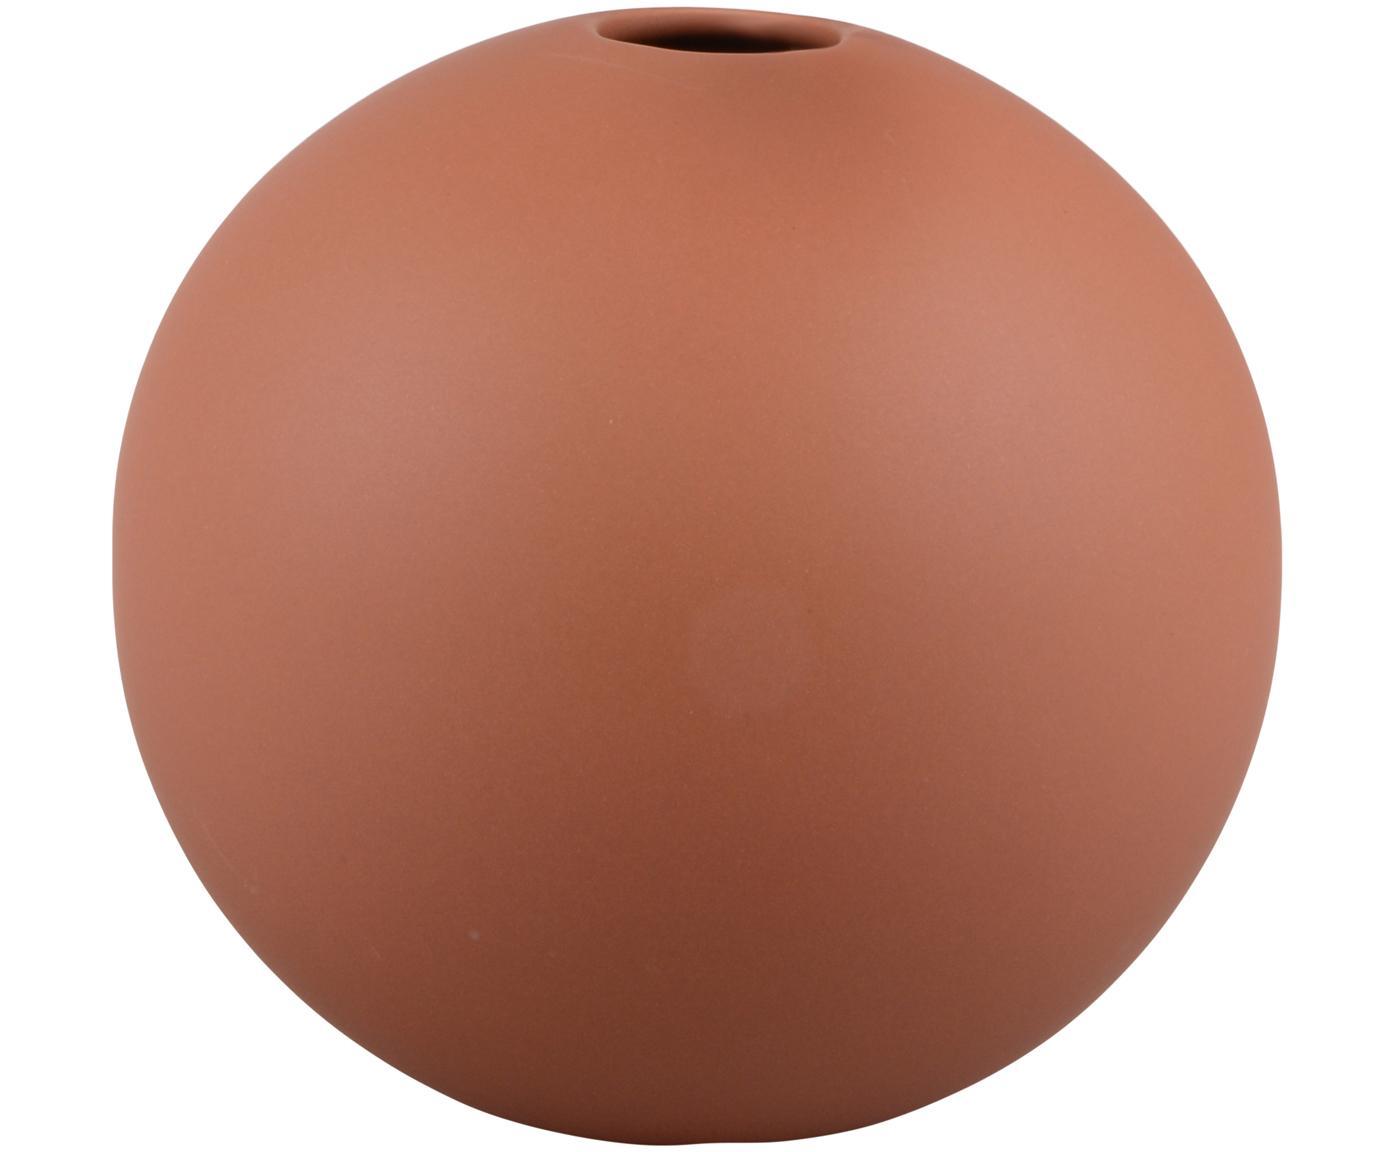 Wazon z ceramiki Rita, Ceramika, Czerwony, Ø 12 x W 12 cm